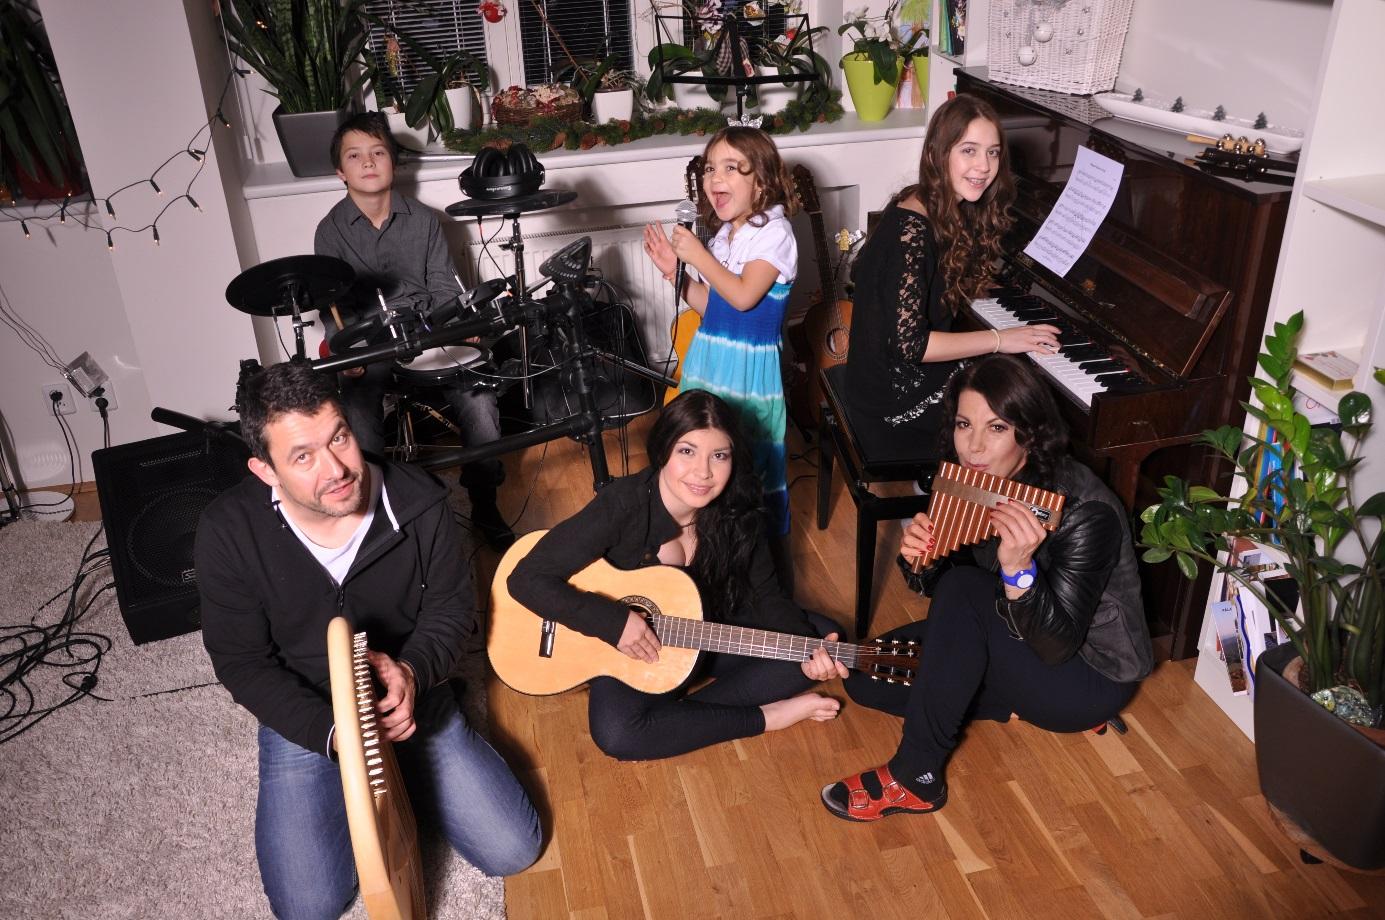 Radvan Bahbouh s rodinou, zdroj: archiv Radvana Bahbouha